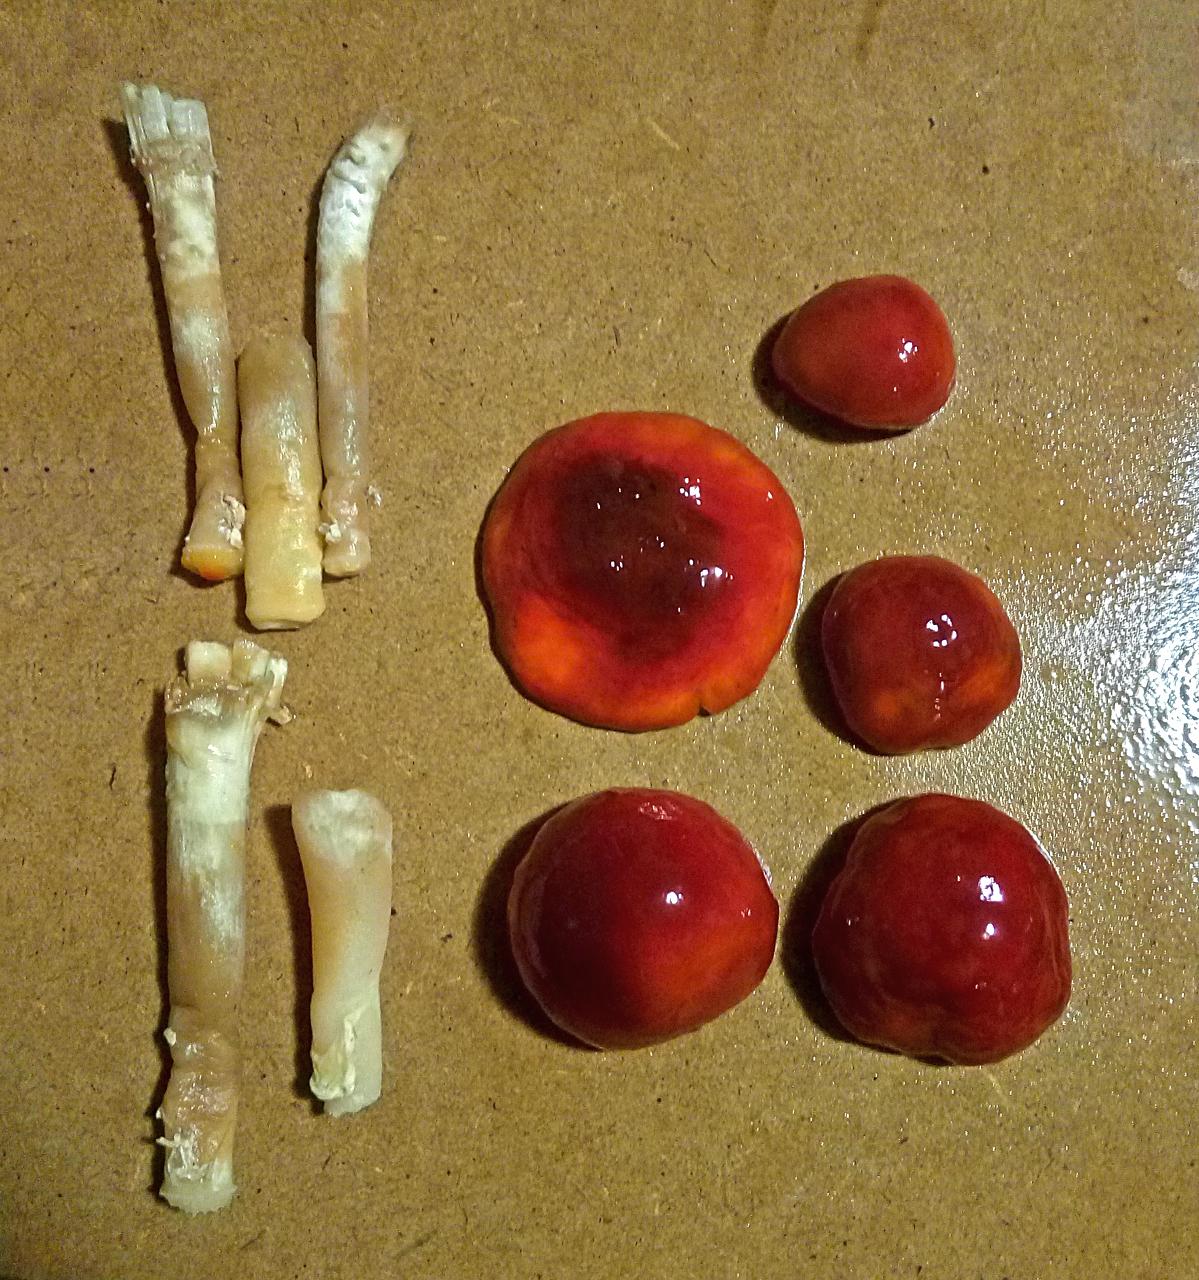 как называется гриб?